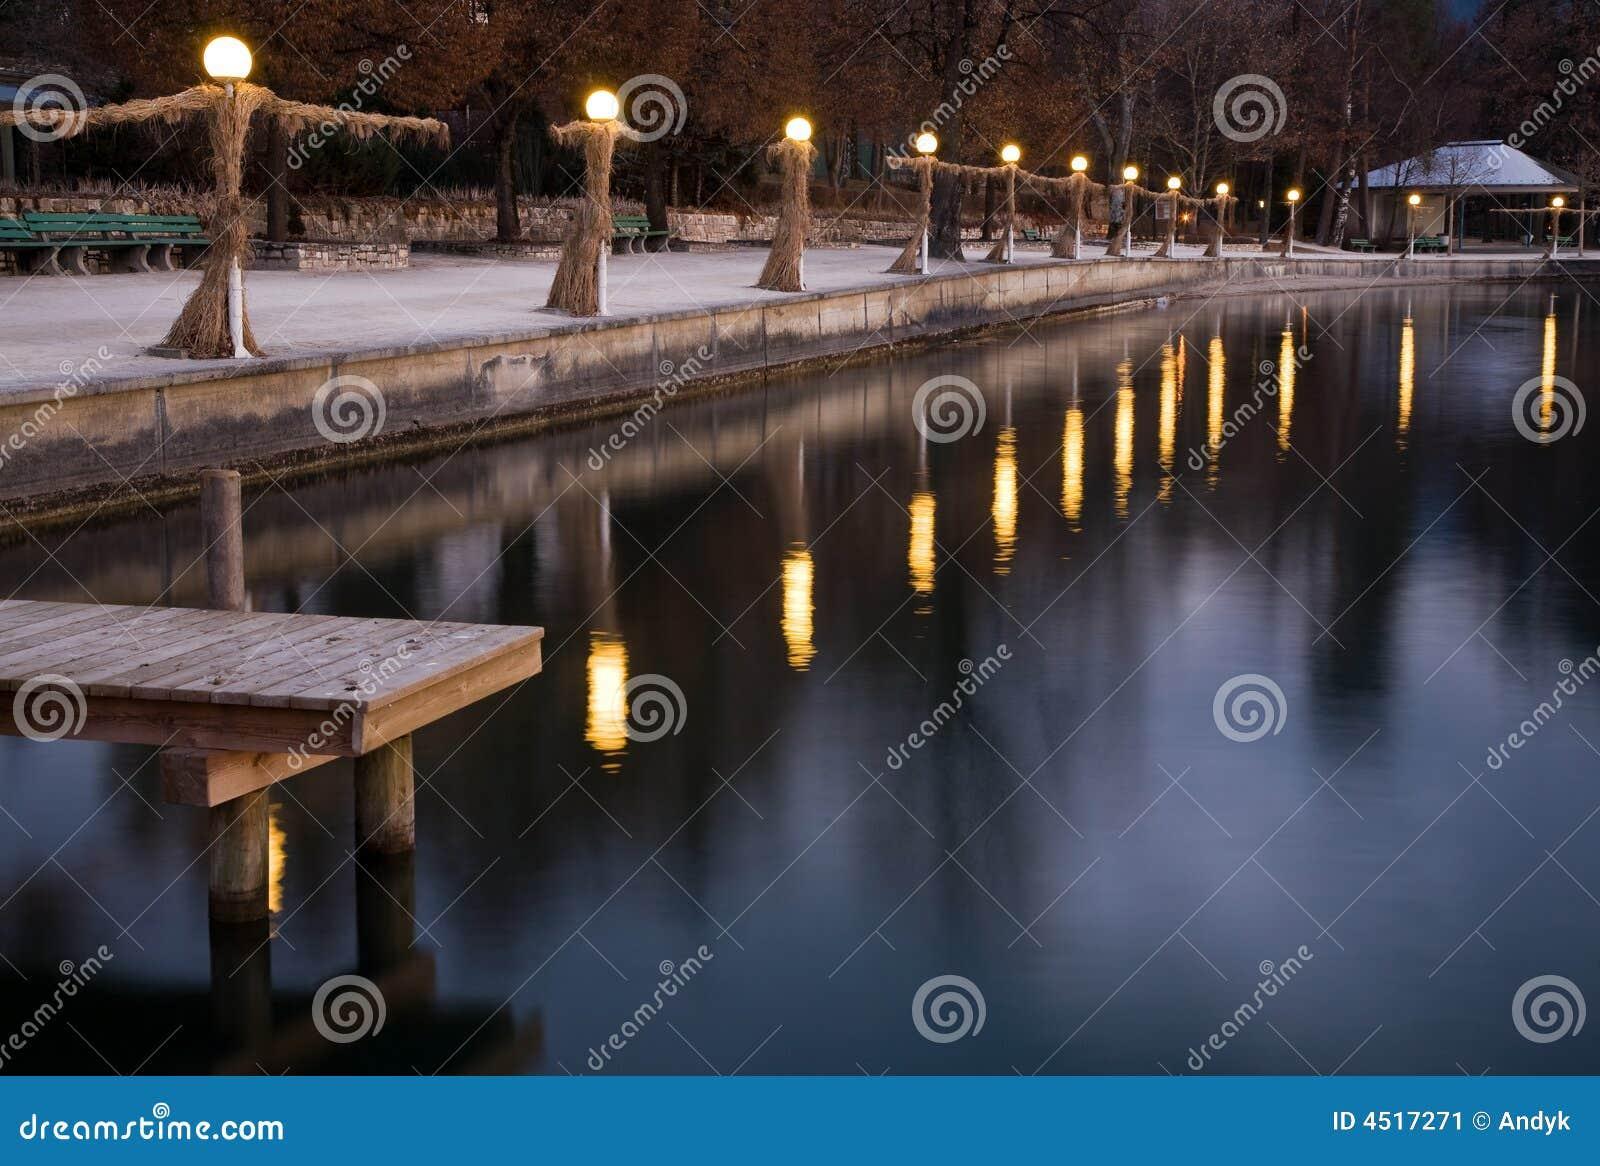 Lakeside lamps